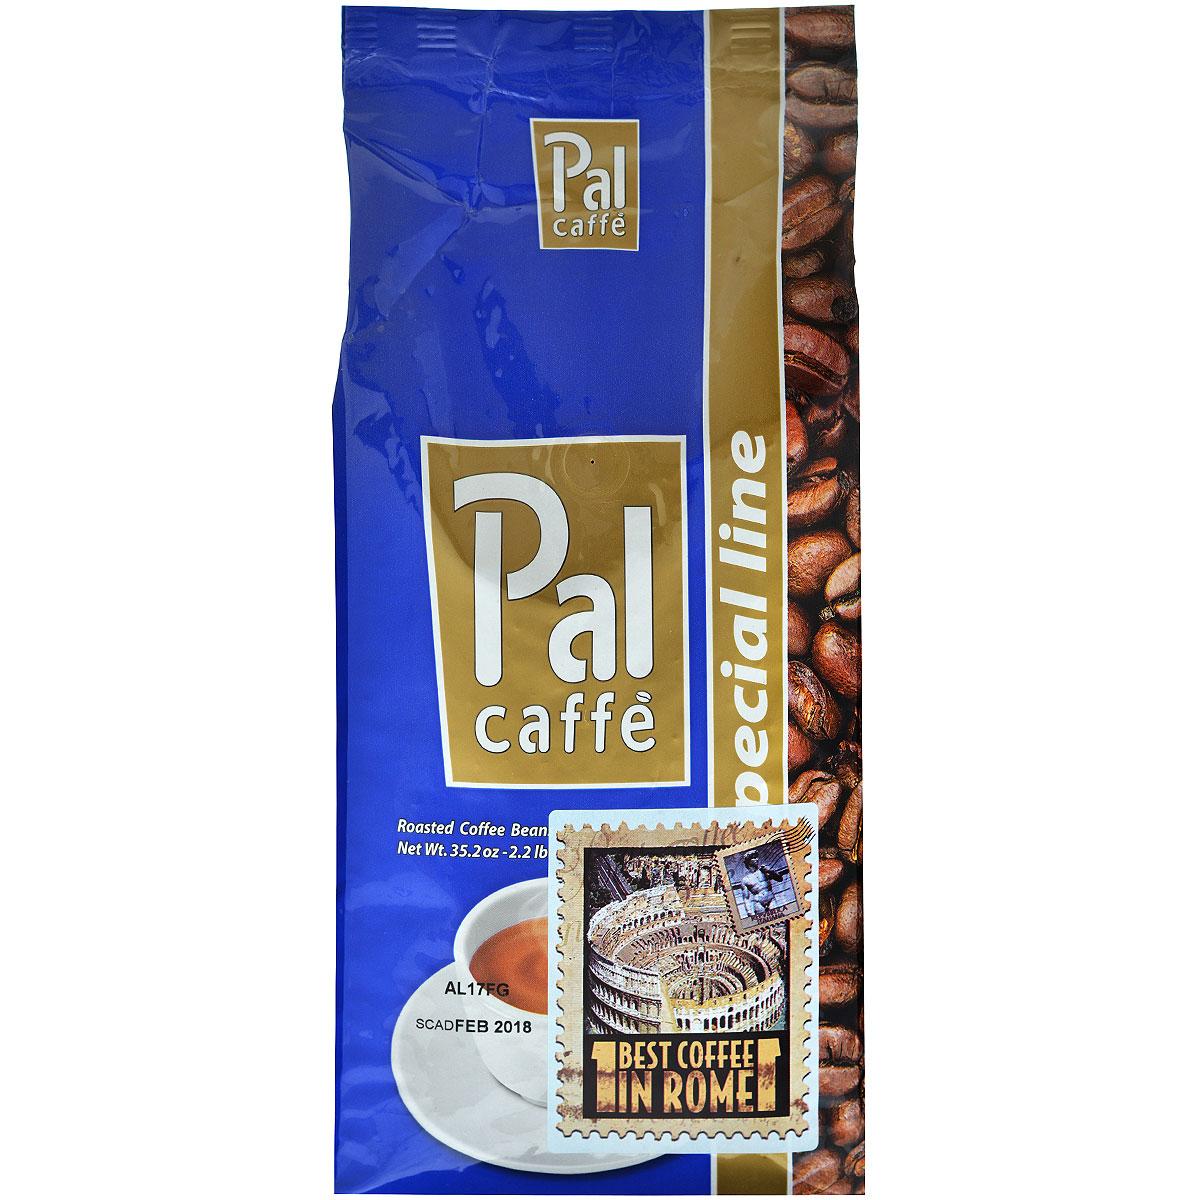 Palombini Pal Oro кофе в зернах, 1 кг8009785354058Натуральный жареный кофе высшего сорта Palombini Pal Oro в зернах. Бразильская Арабика, выращенная на низких плоскогорьях придает кофе ореховый букет и слегка заметную кислинку. Вкус Pal Oro незабываем. Рекомендуется для приготовления ристретто, эспрессо, капучино. Состав смеси: 90% арабика, 10% робуста.